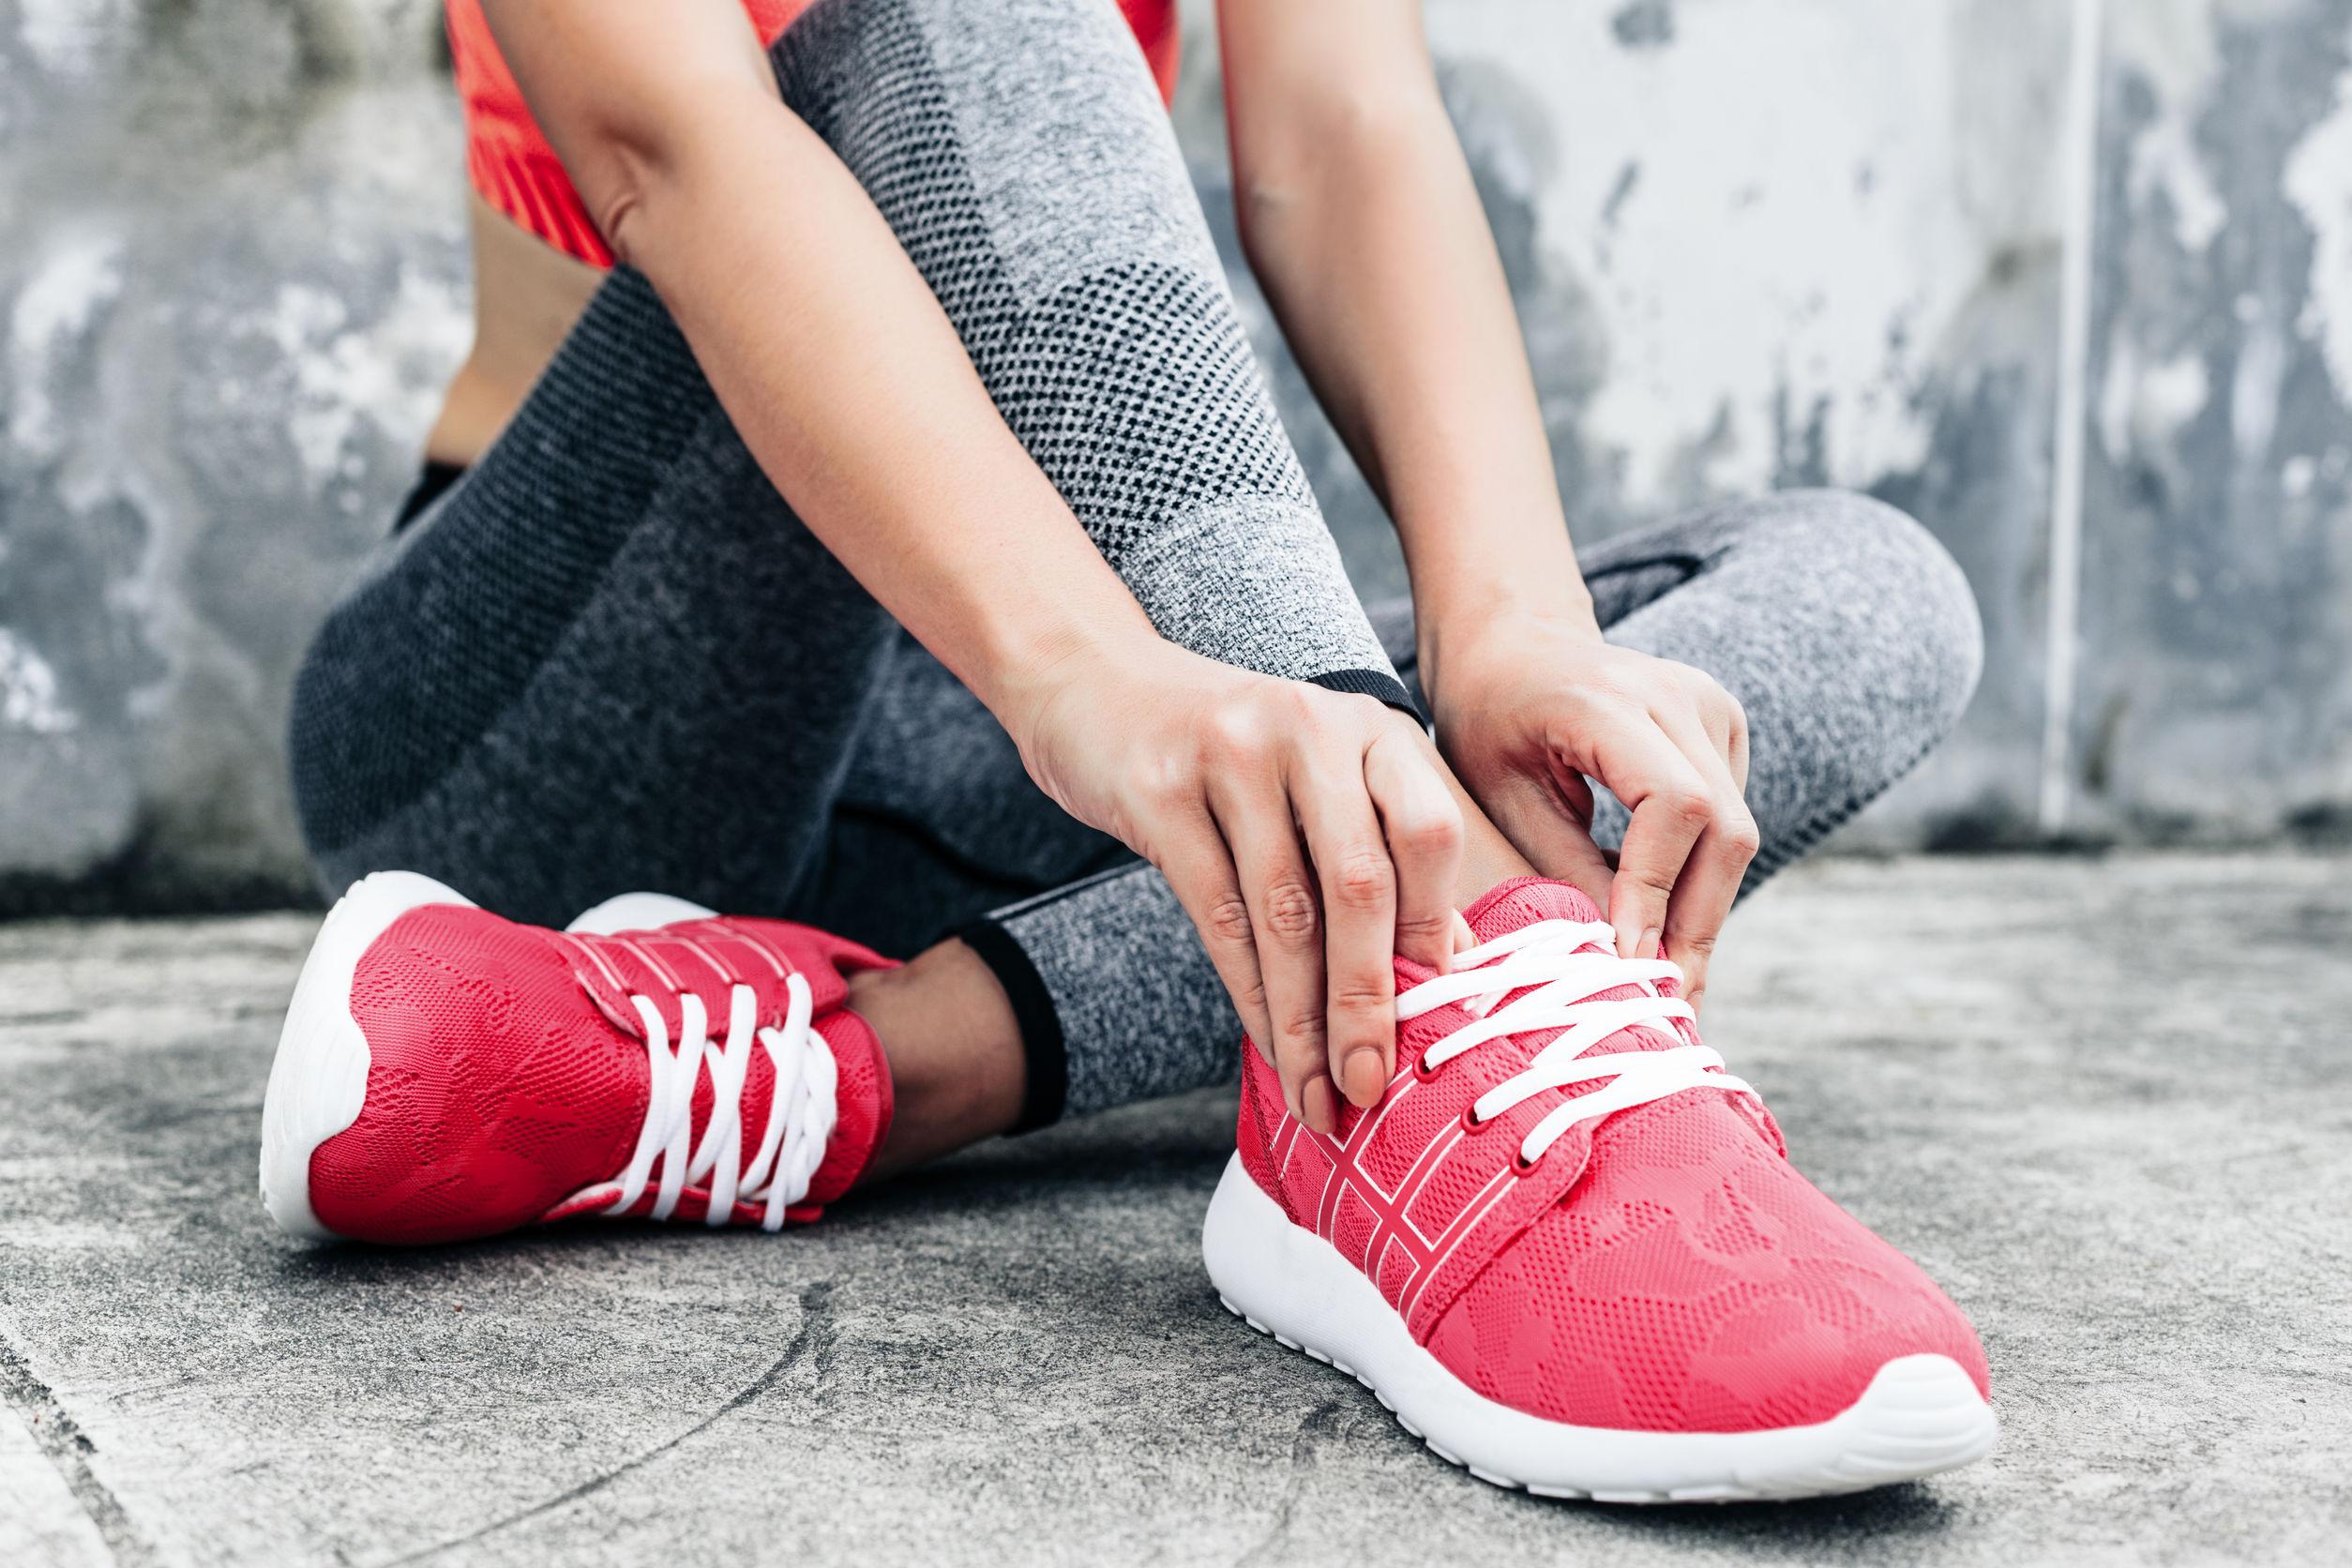 Zapatillas deportivas: ¿Cuáles son las mejores del 2020?